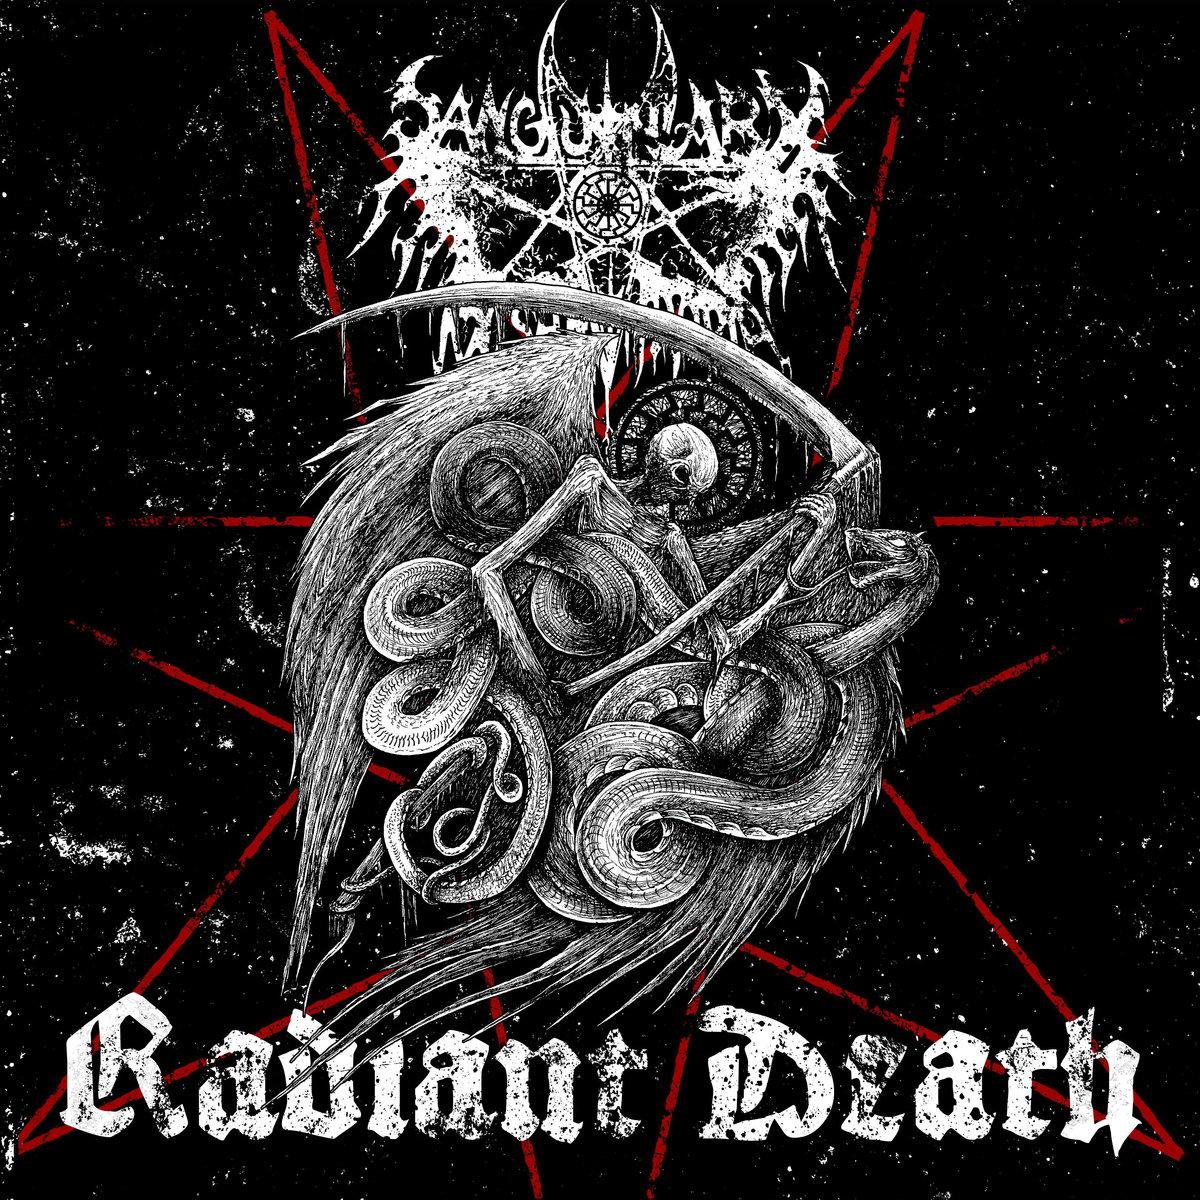 SANGUINARY MISANTHROPIA - Radiant Death